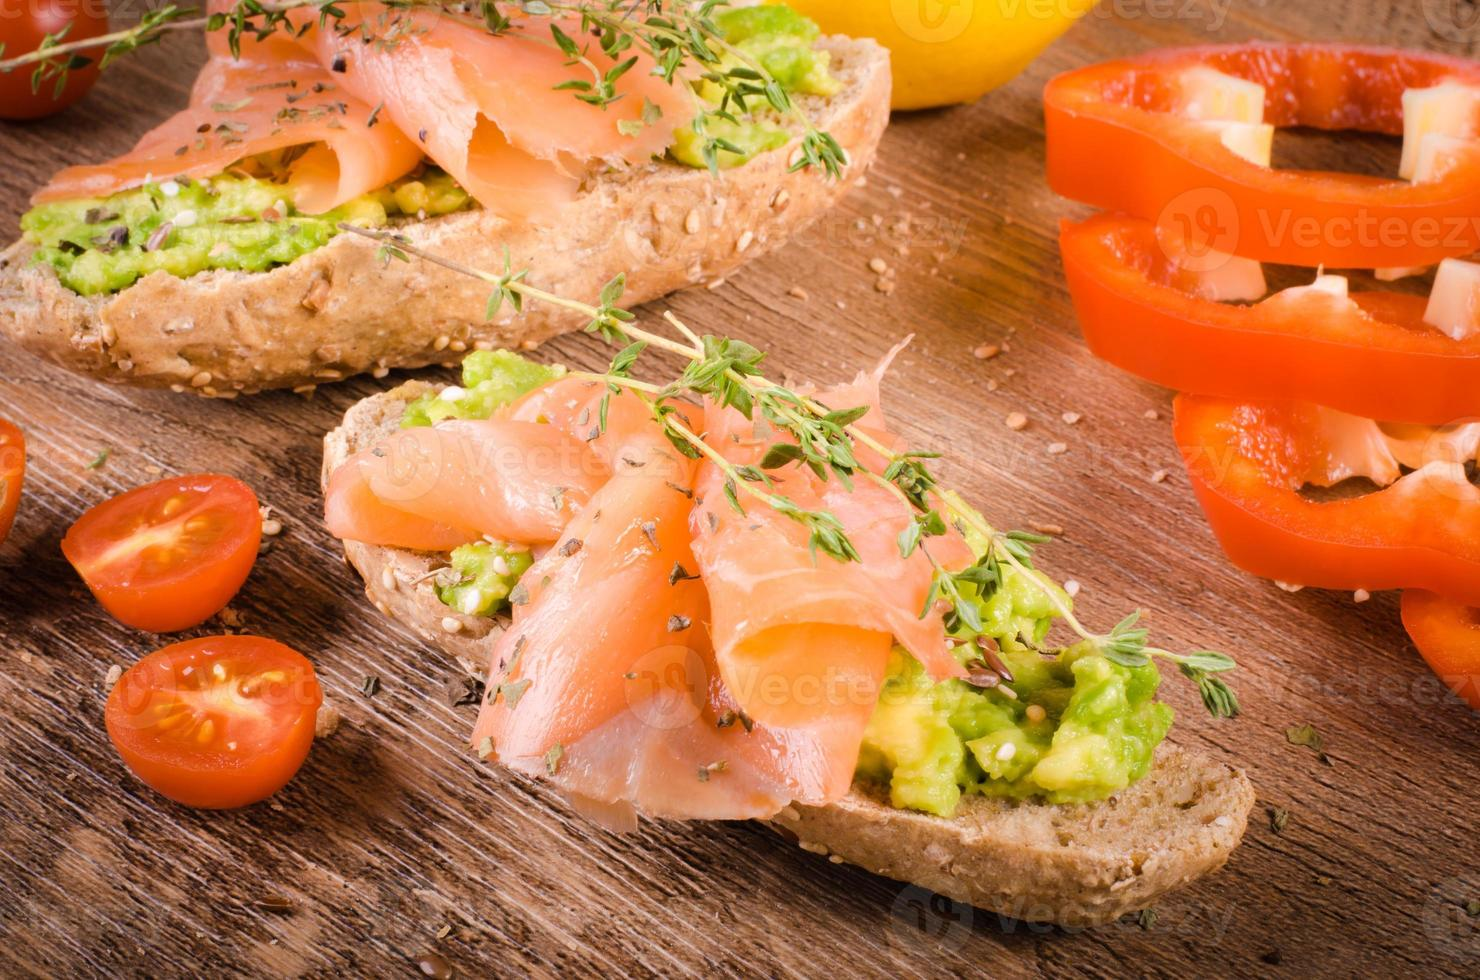 café da manhã: torradas de abacate com salmão em fundo de madeira. foto